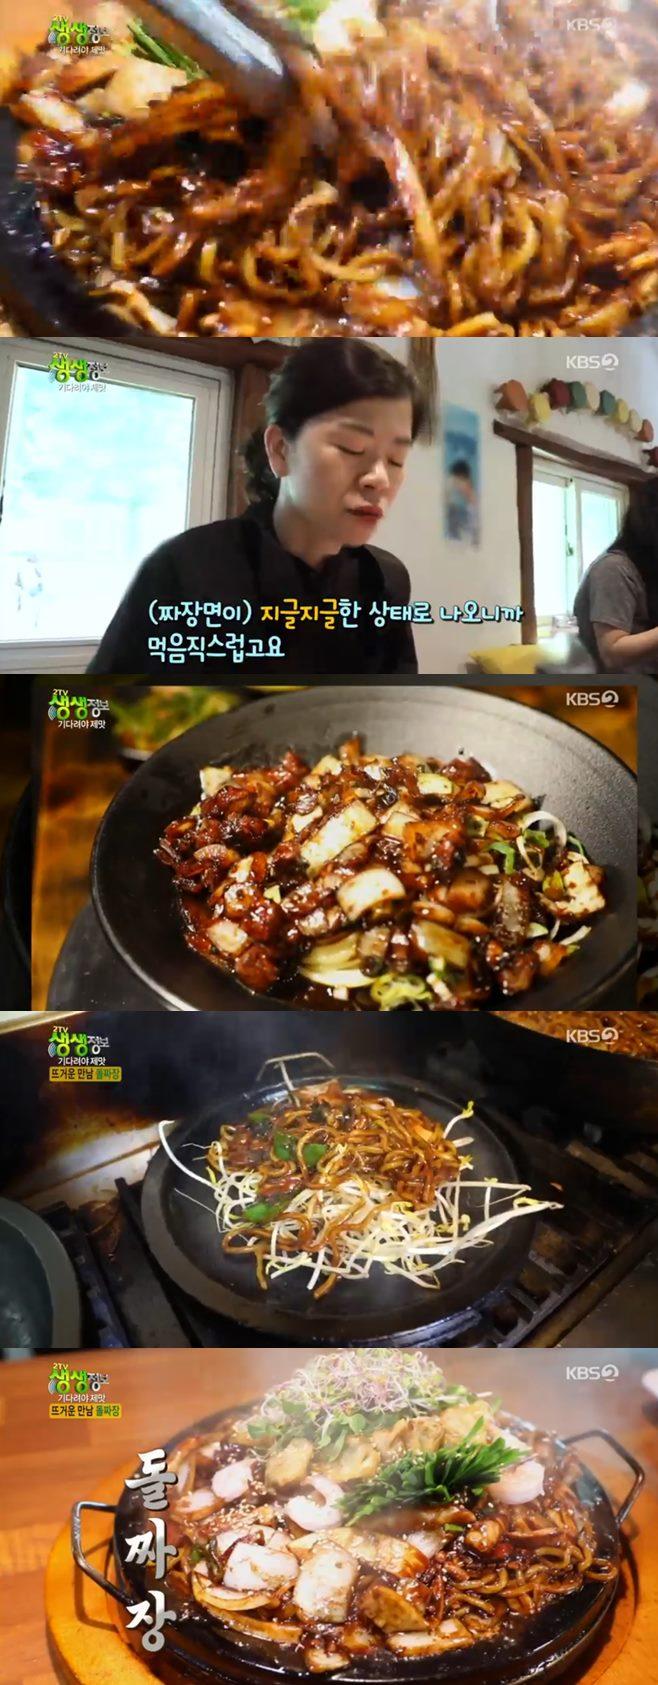 '2TV 생생정보' 가평 돌짜장(청평돌짜장)vs김형일 고향 고창, 고창전통시장 맛집